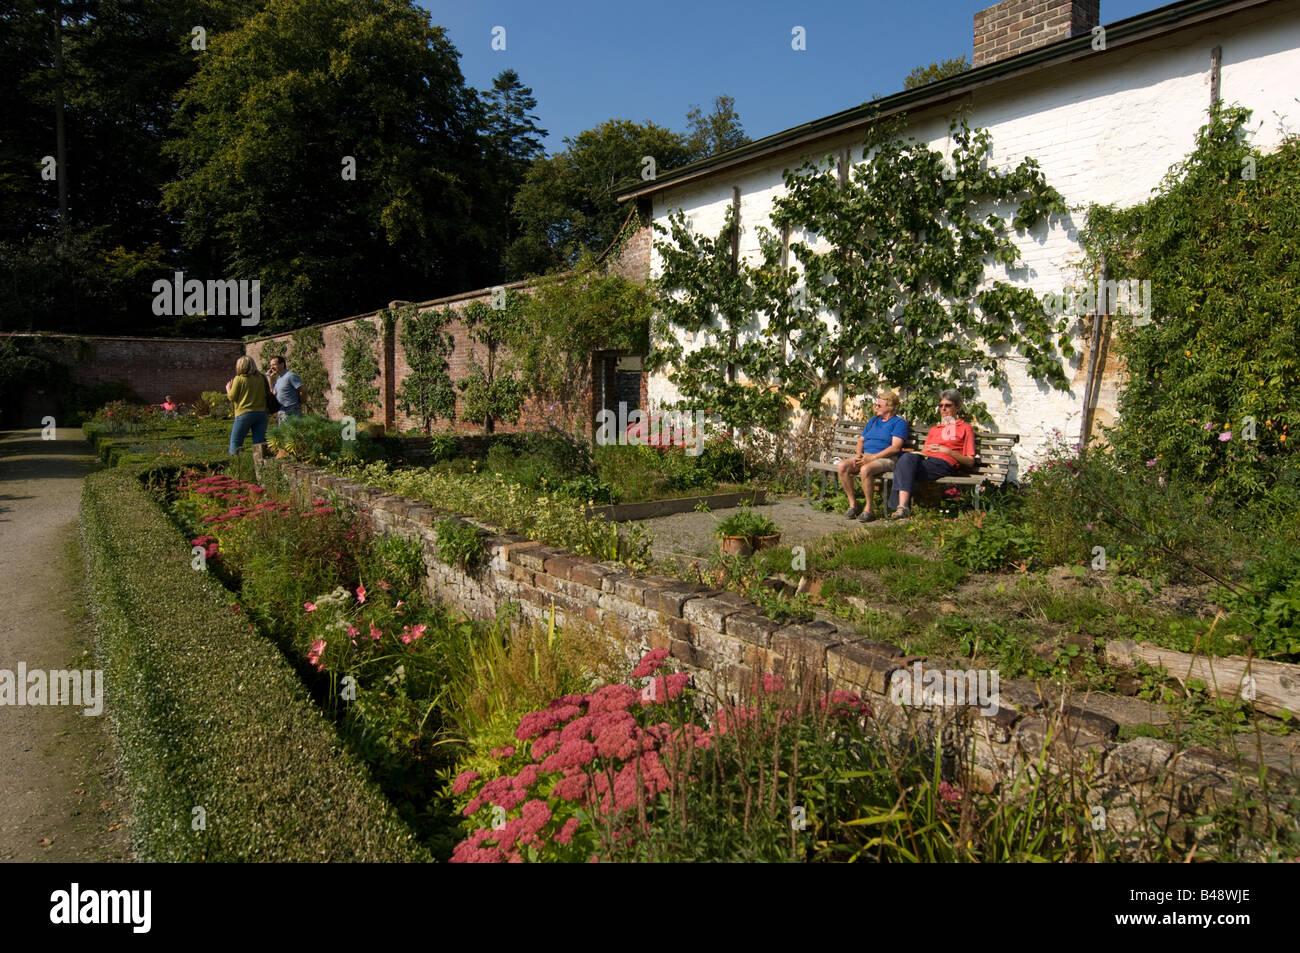 Gente sentada en el recinto amurallado de la huerta de Llanerchaeron Hall Farm y jardines de propiedad de Gales, Foto de stock